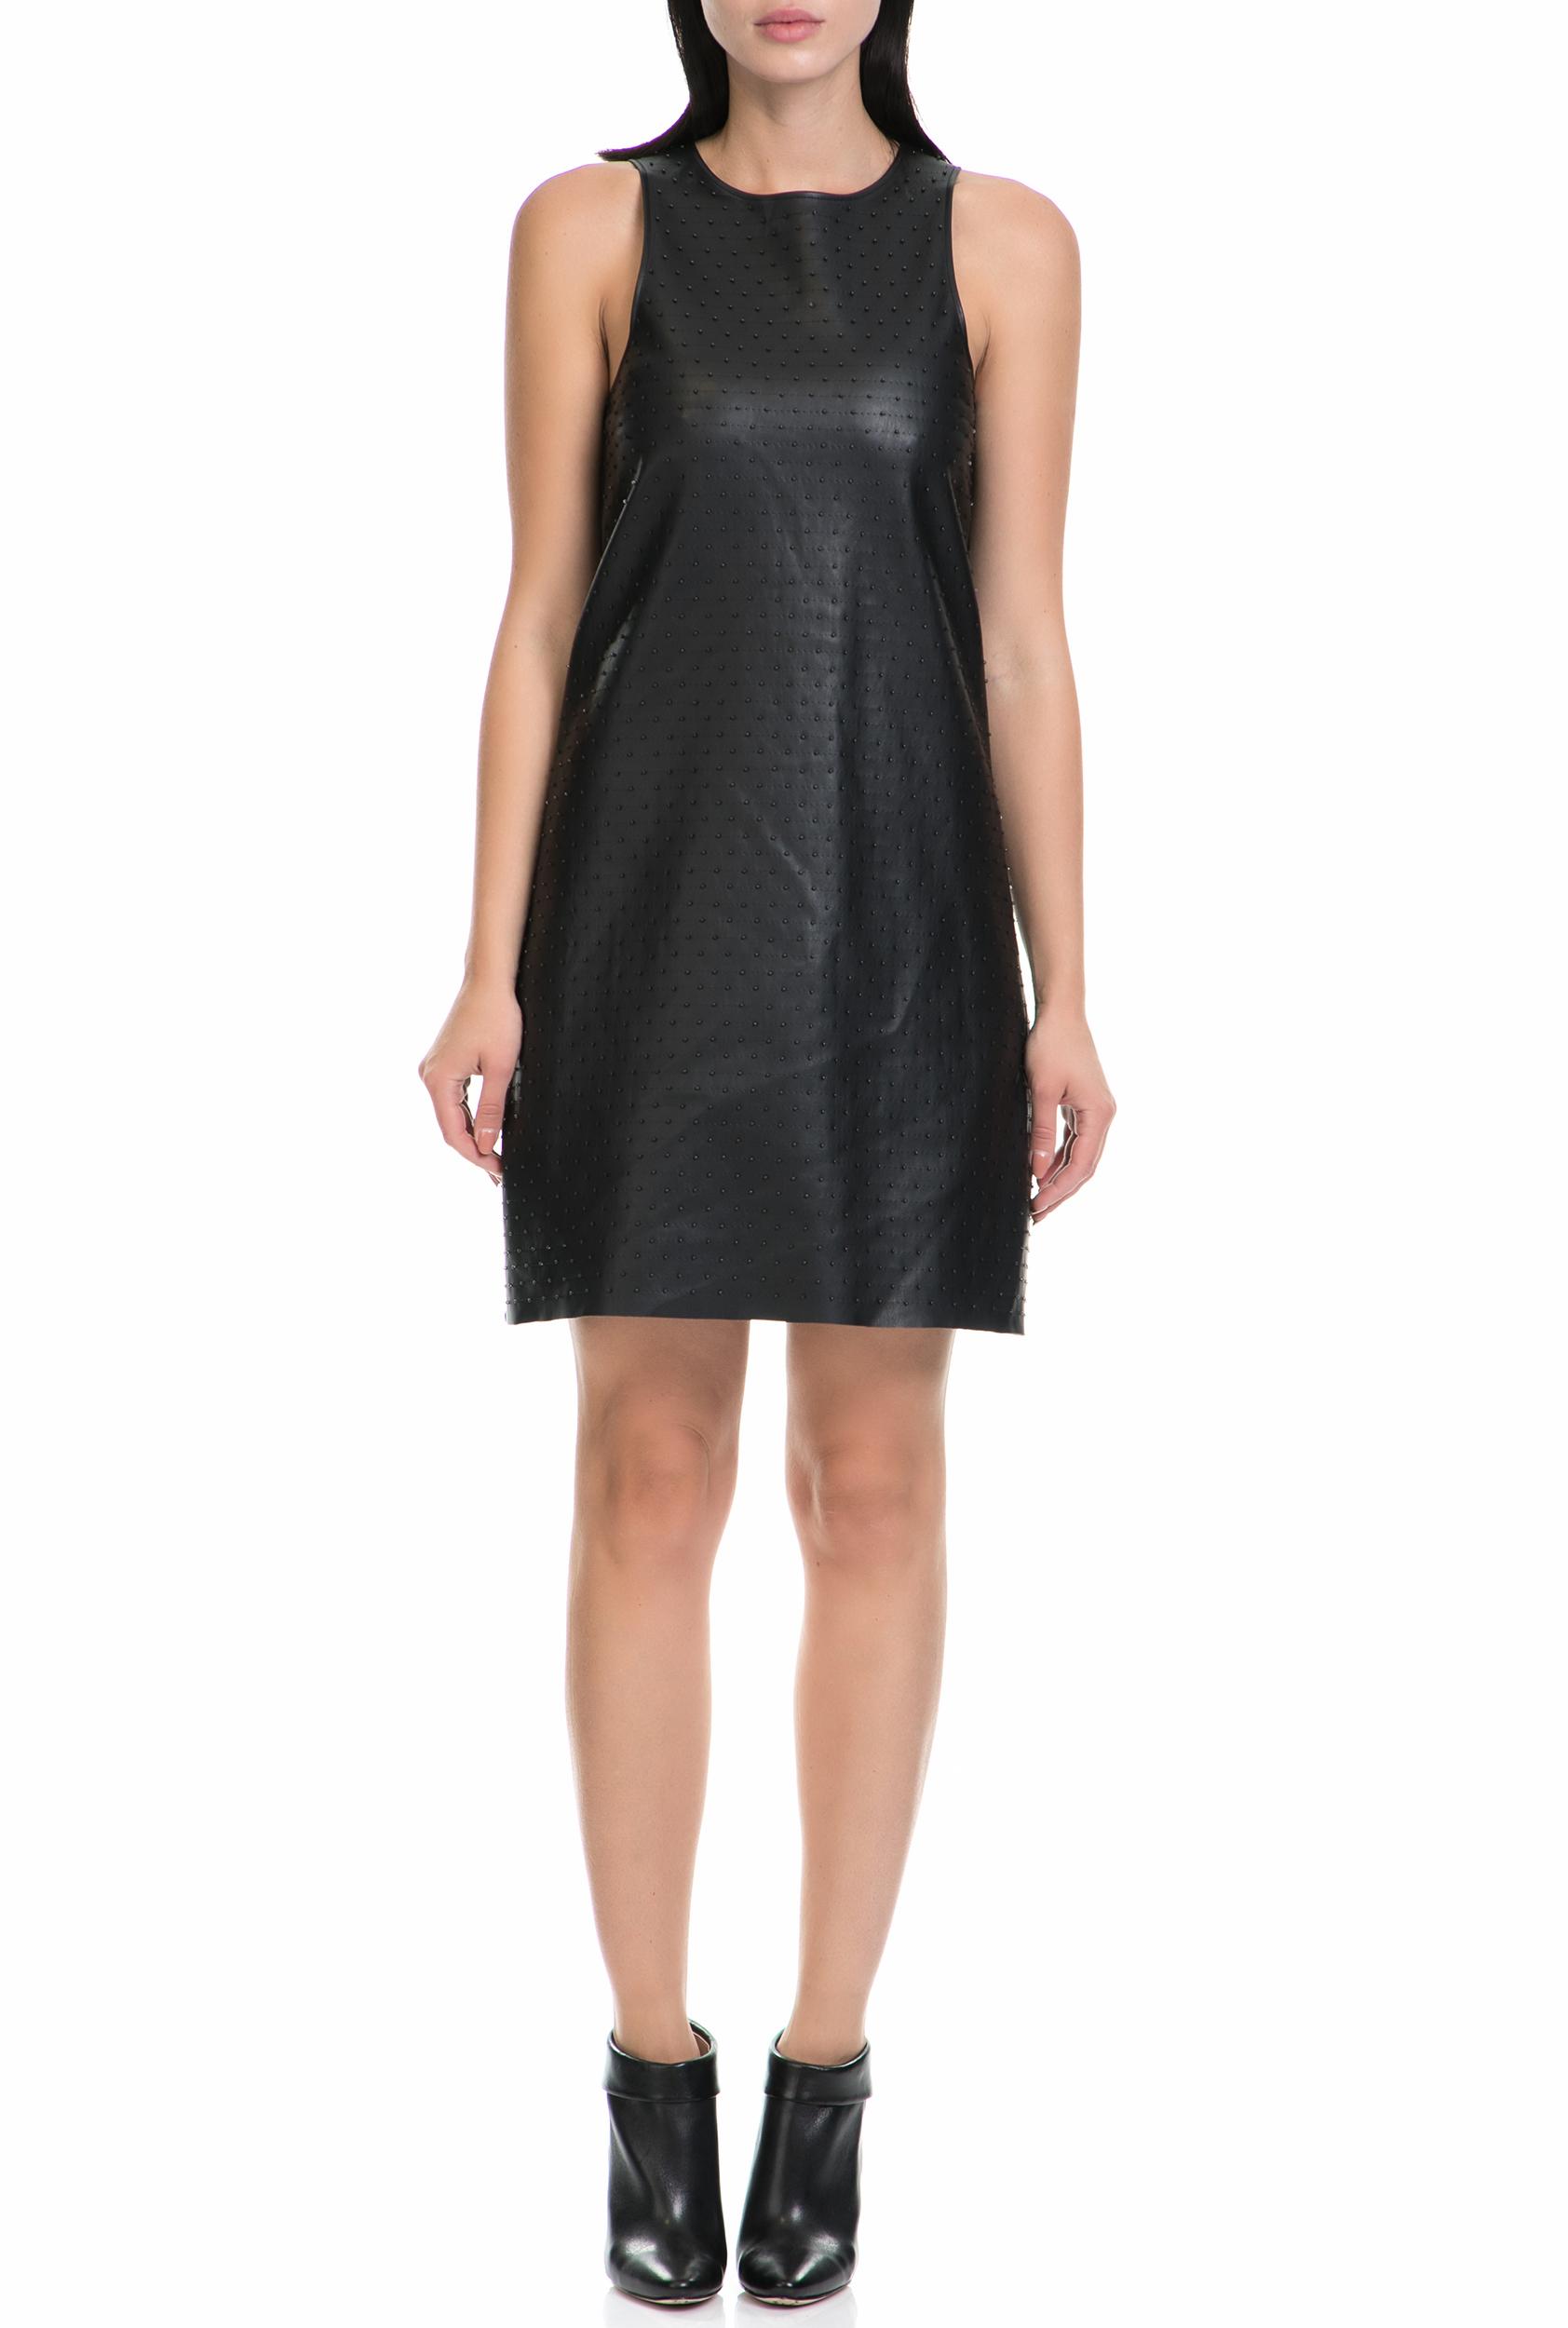 GUESS - Γυναικείο μίνι αμάνικο φόρεμα Guess μαύρο 44196d3d513